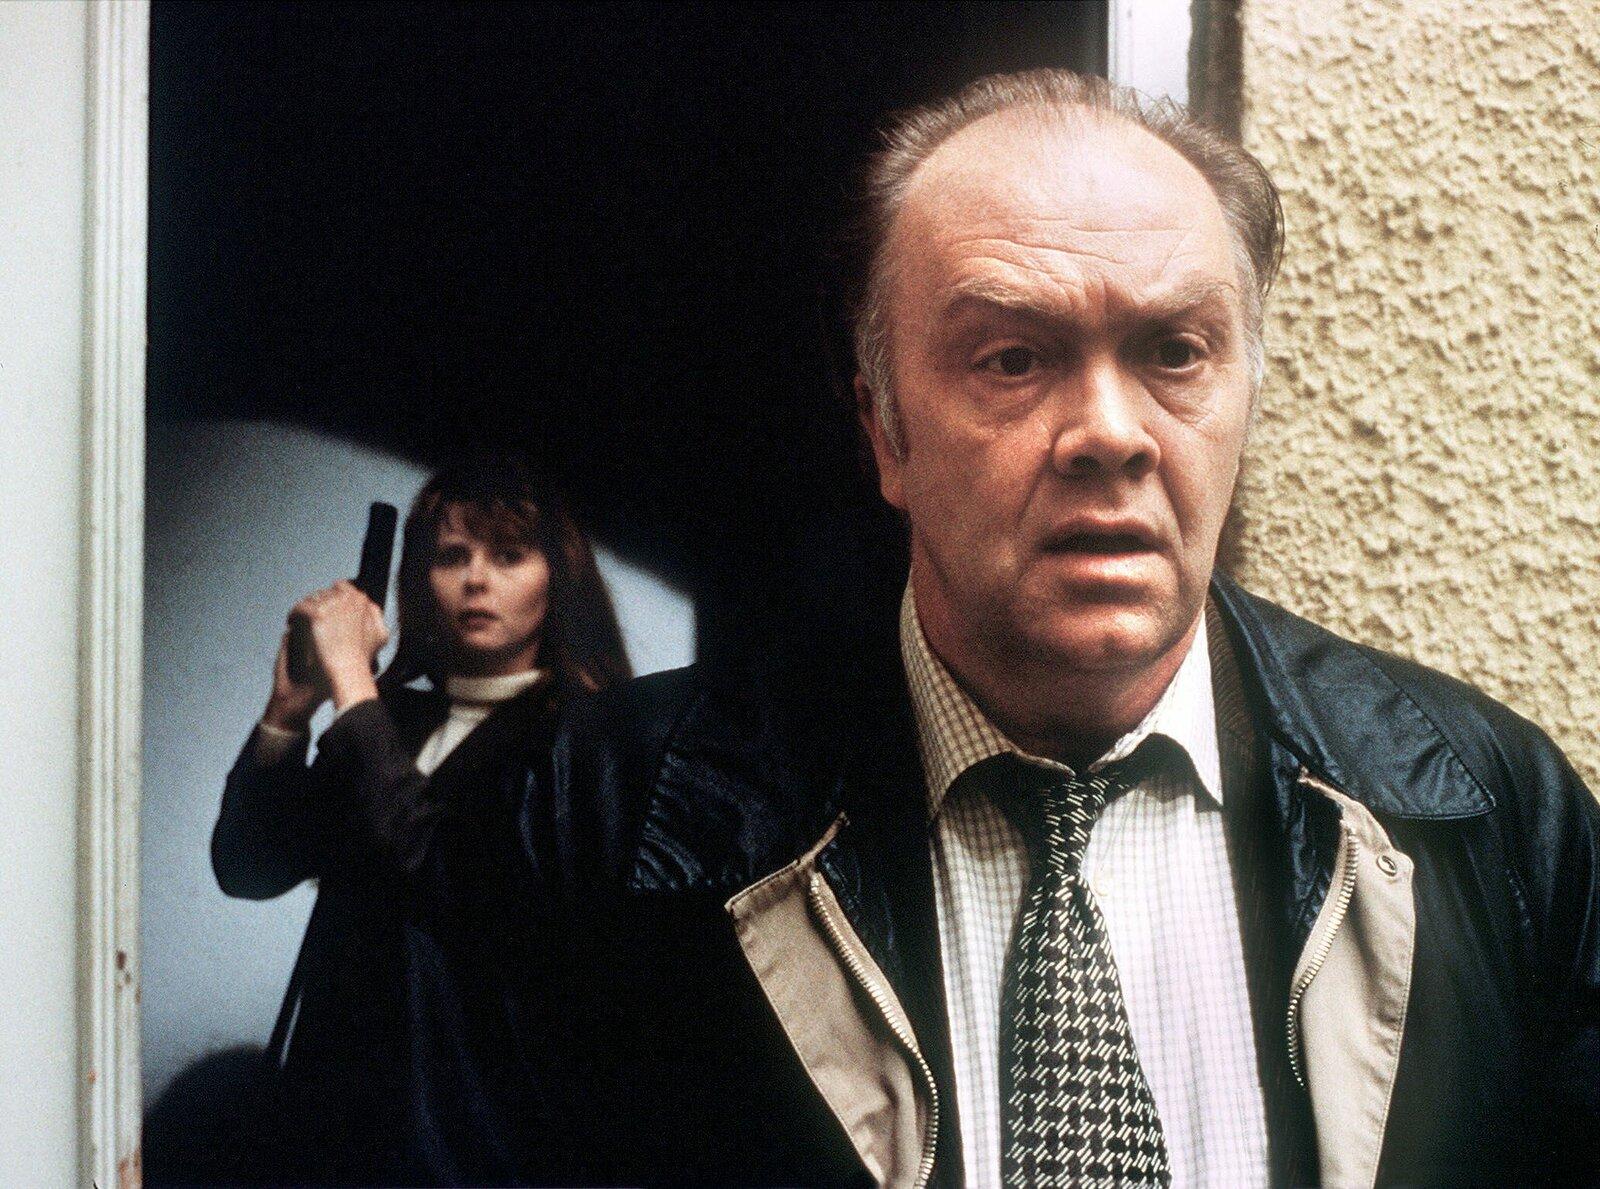 """Miriam Koch (Roswitha Schreiner) und Kommissar Flemming (Martin Lüttge) (Archivfoto """"Tatort – Der Spezialist"""", 1996) – Bild: WDR/H. Zinner"""